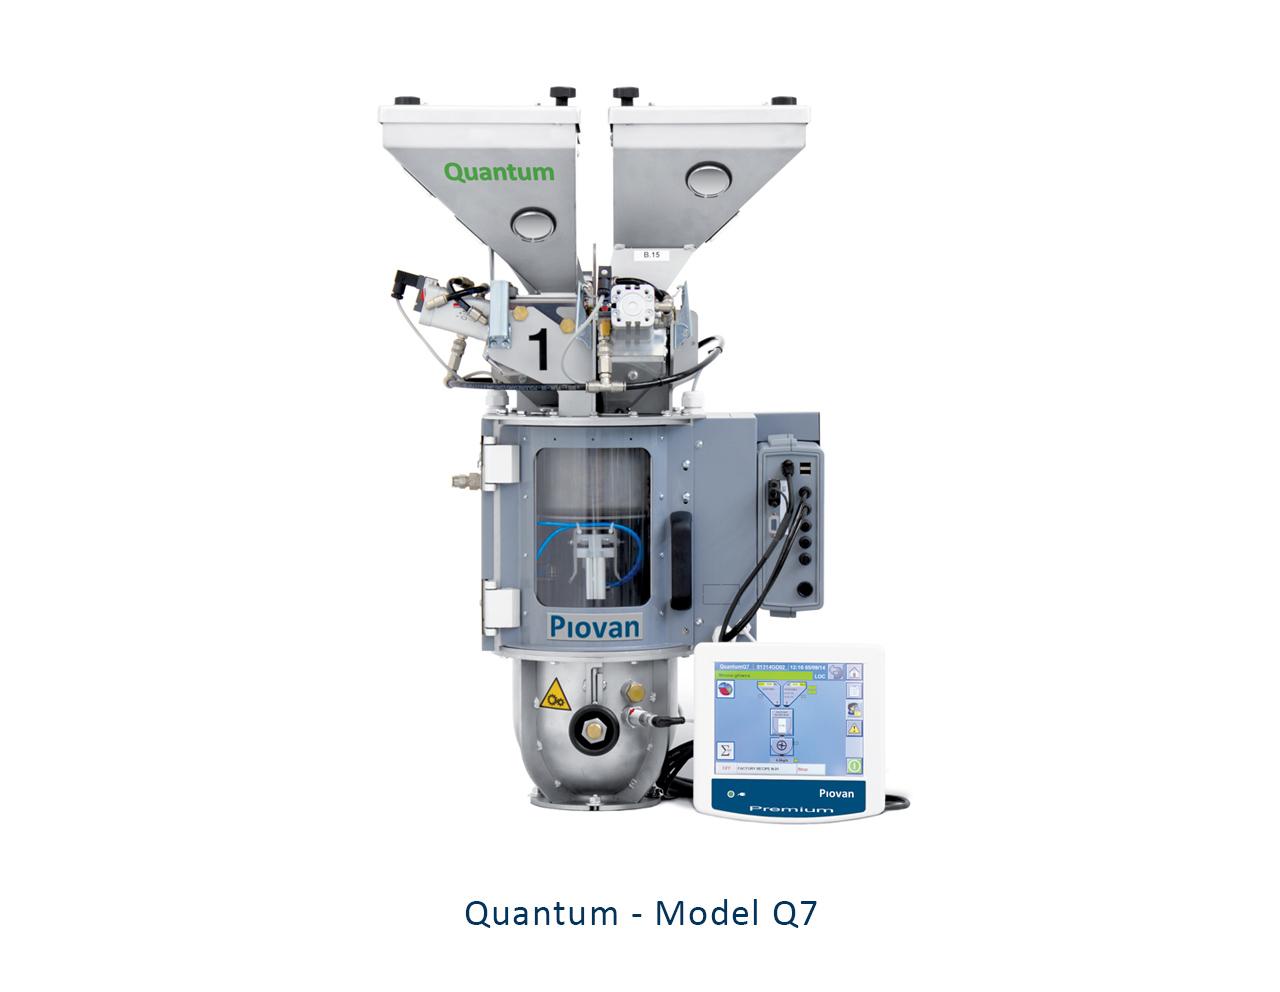 Piovan Quantum blender